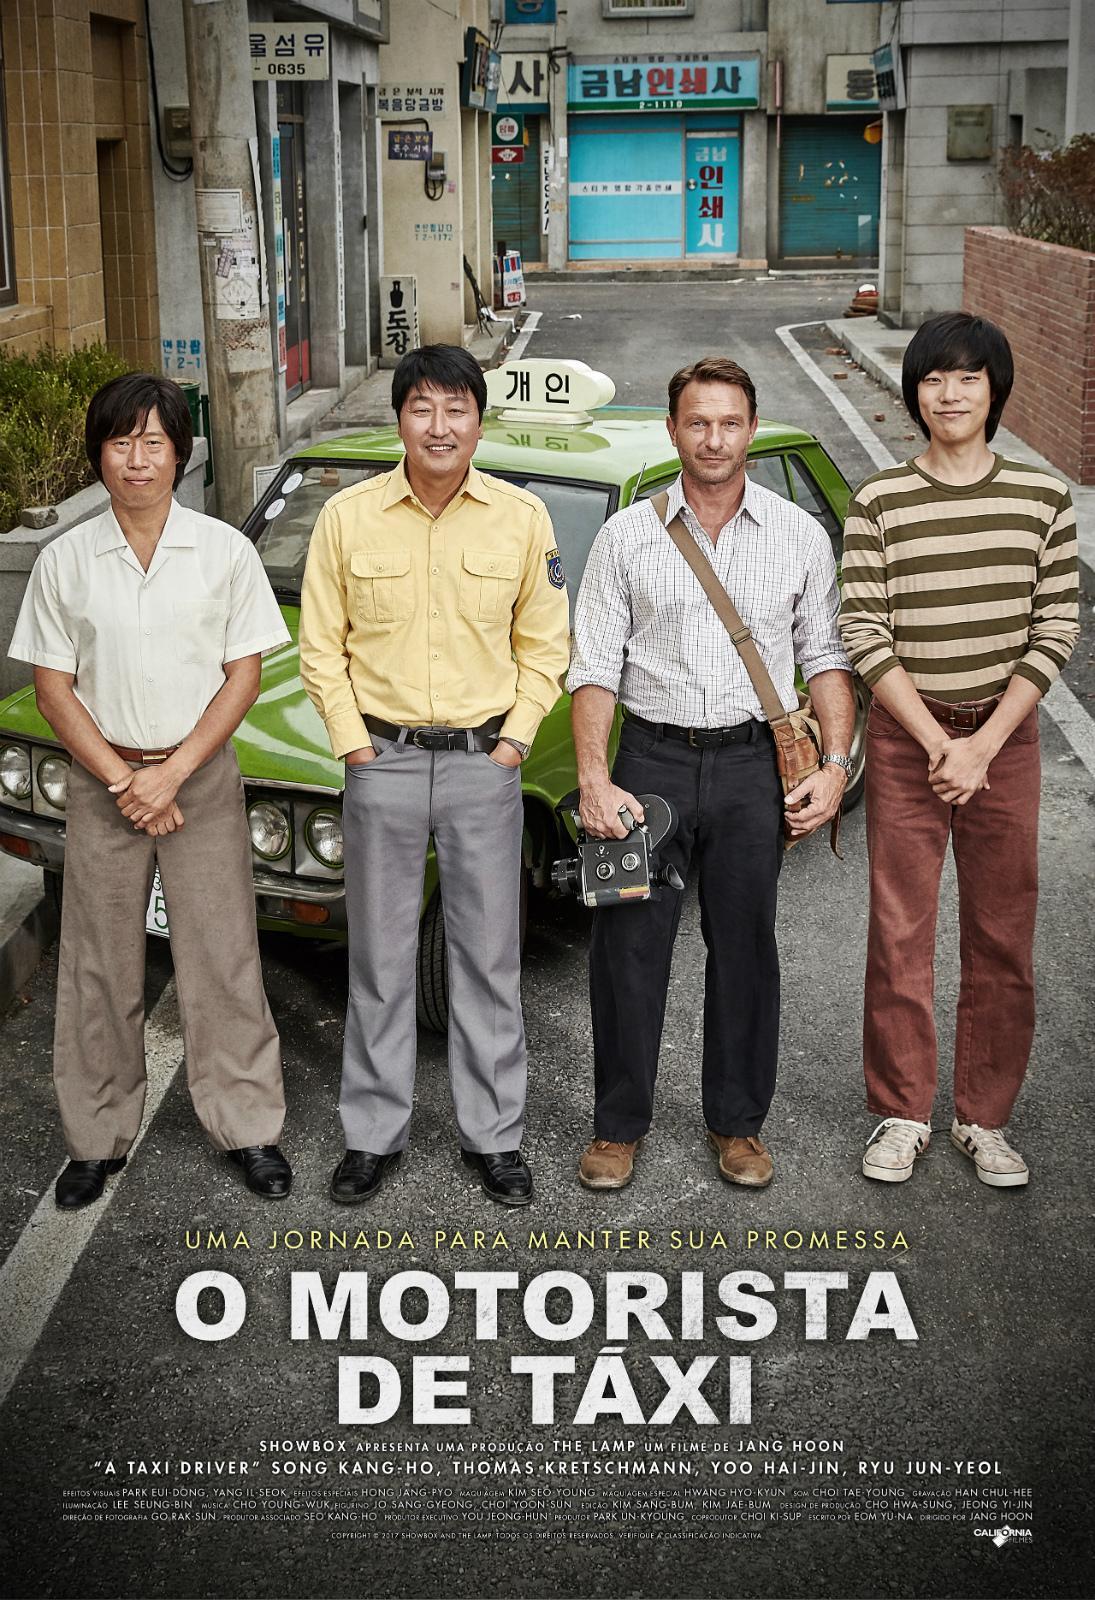 Top 5 | Filmes para assistir se gostou de Parasita 4